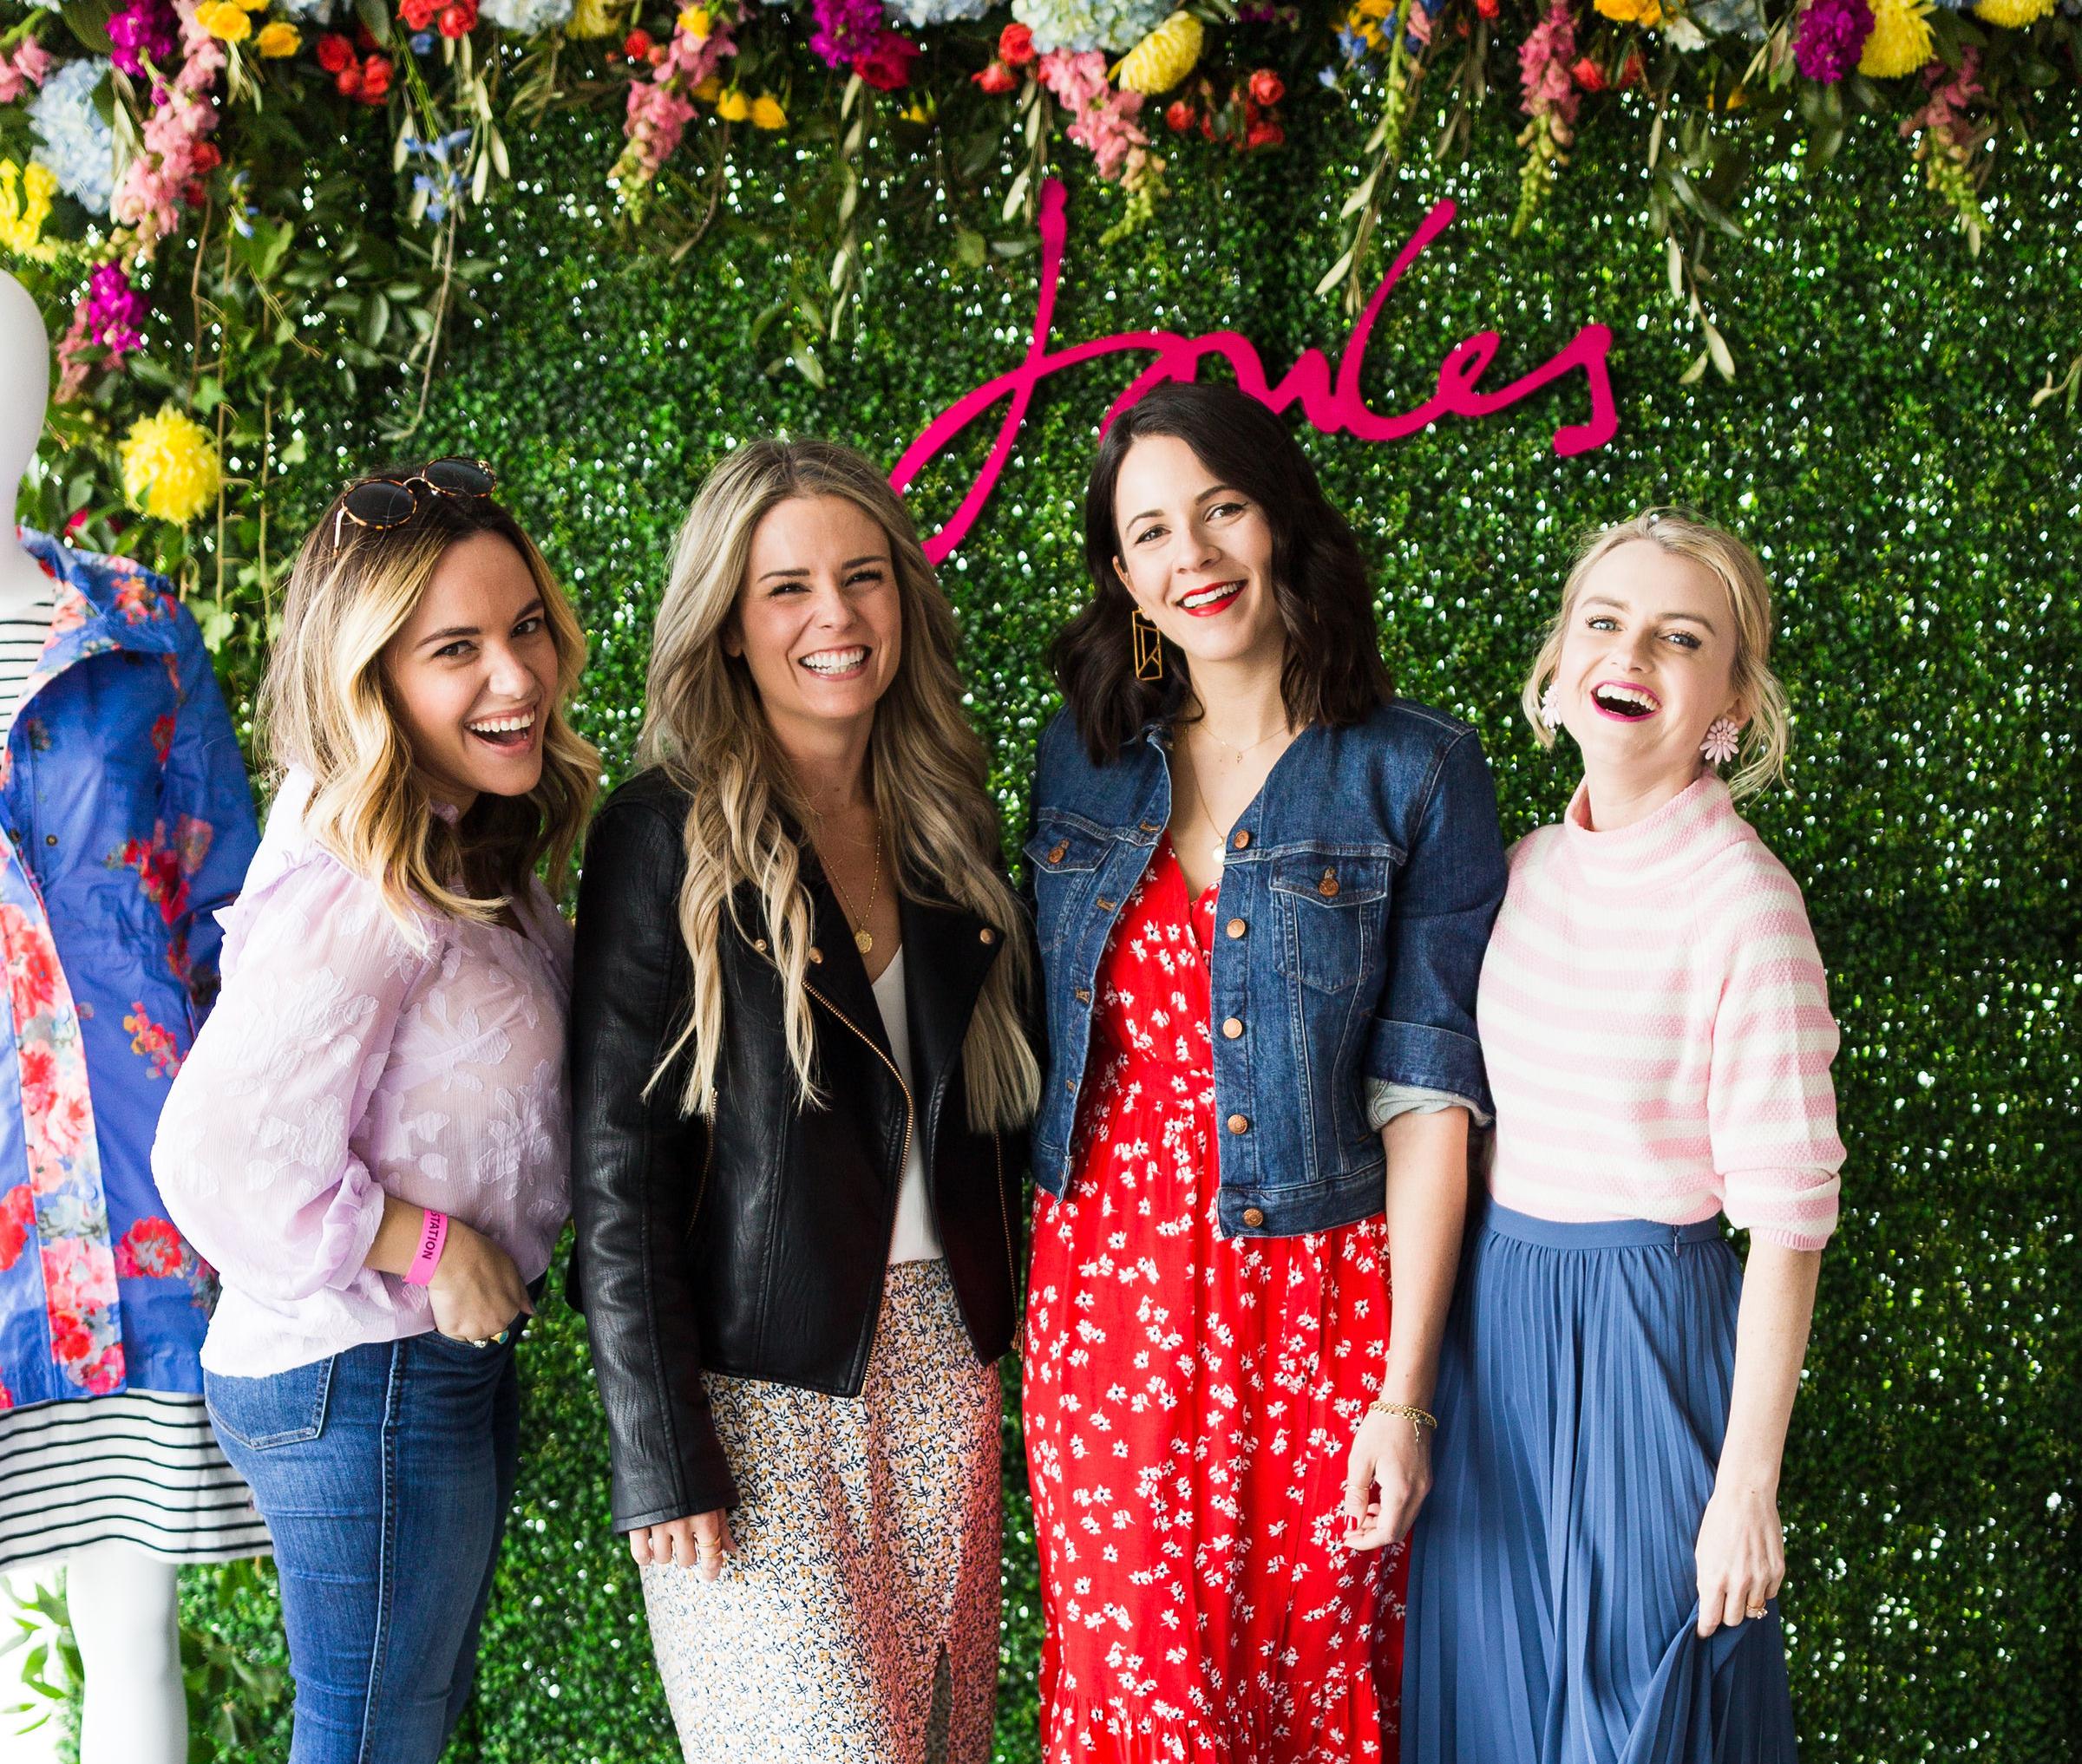 Women posing in from of flower wall